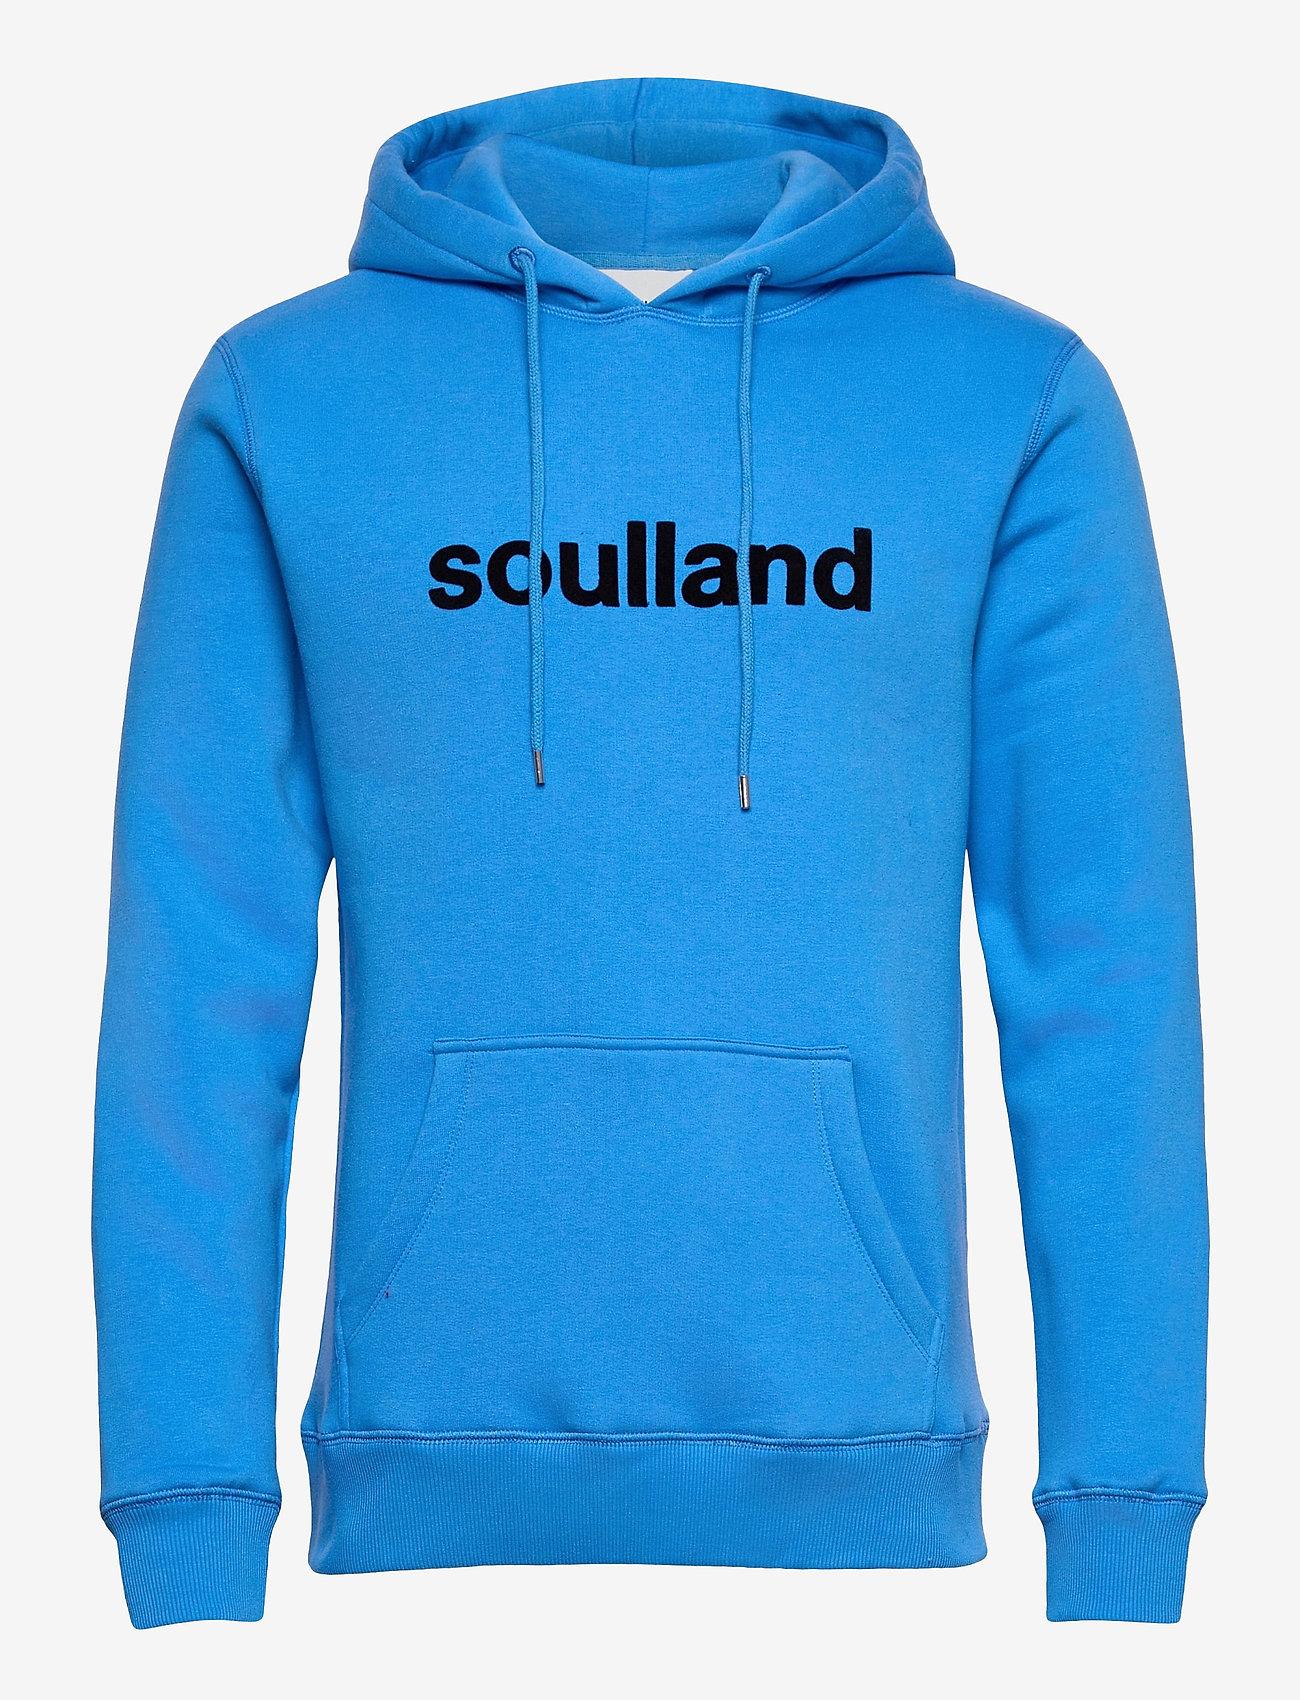 Soulland - Googie hoodie - hoodies - light blue - 1